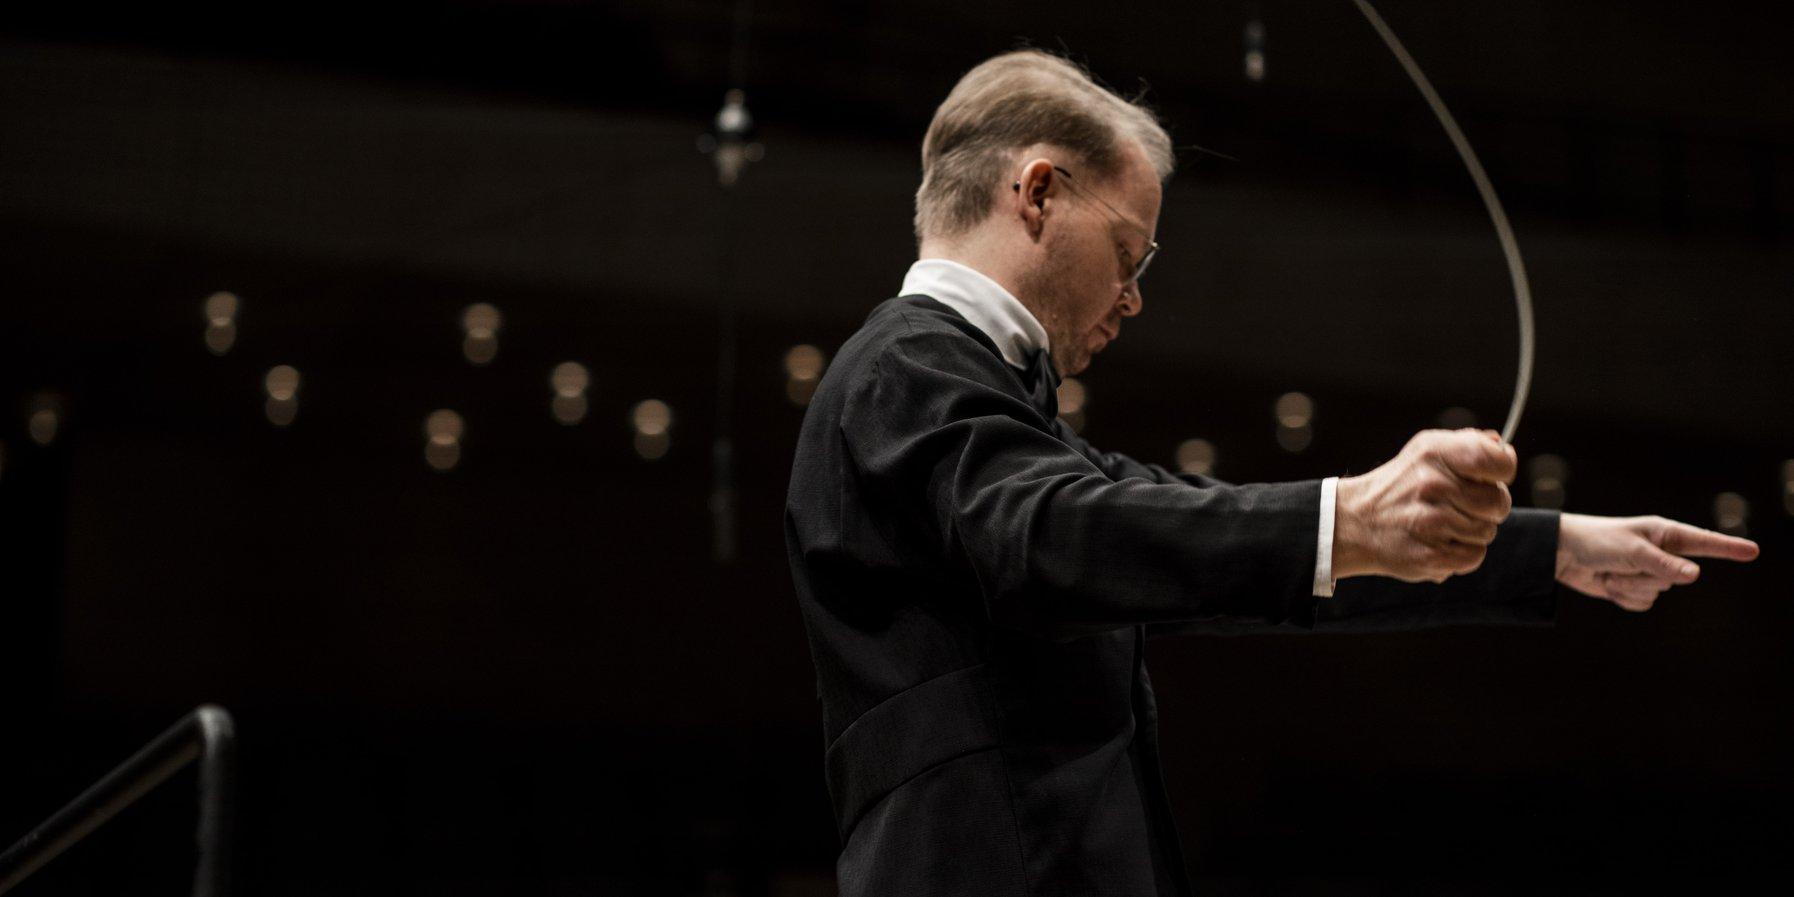 Concertmaster and conductor Jaakko Kuusisto